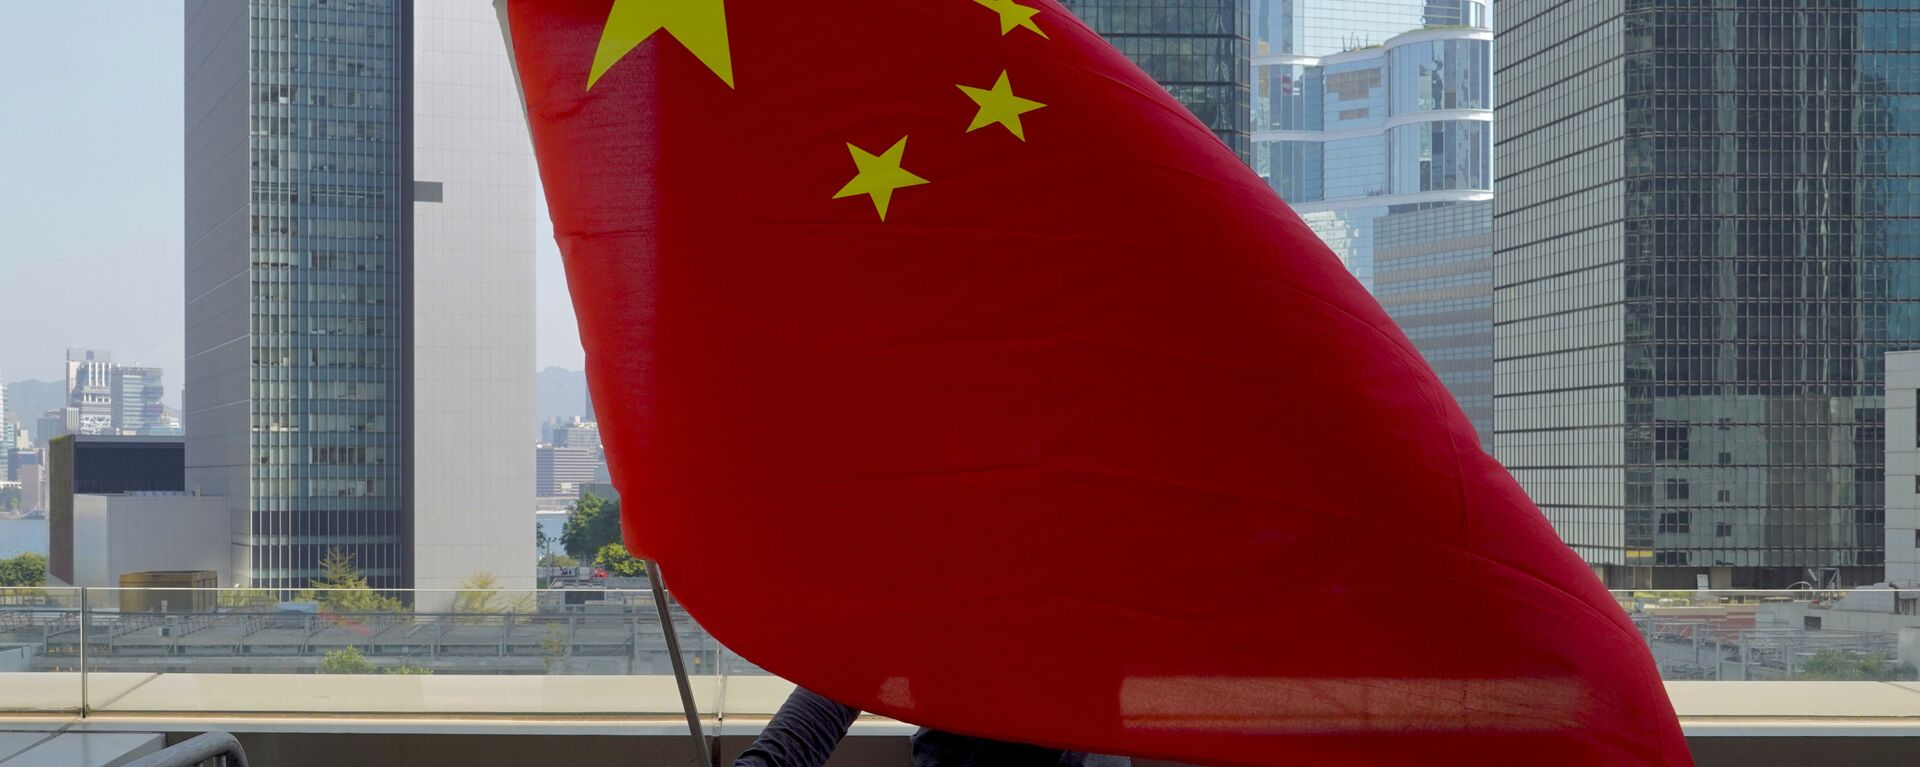 Un supporter pro-Cina sventola una bandiera cinese davanti all'Alta Corte di Hong Kong  - Sputnik Italia, 1920, 27.03.2021